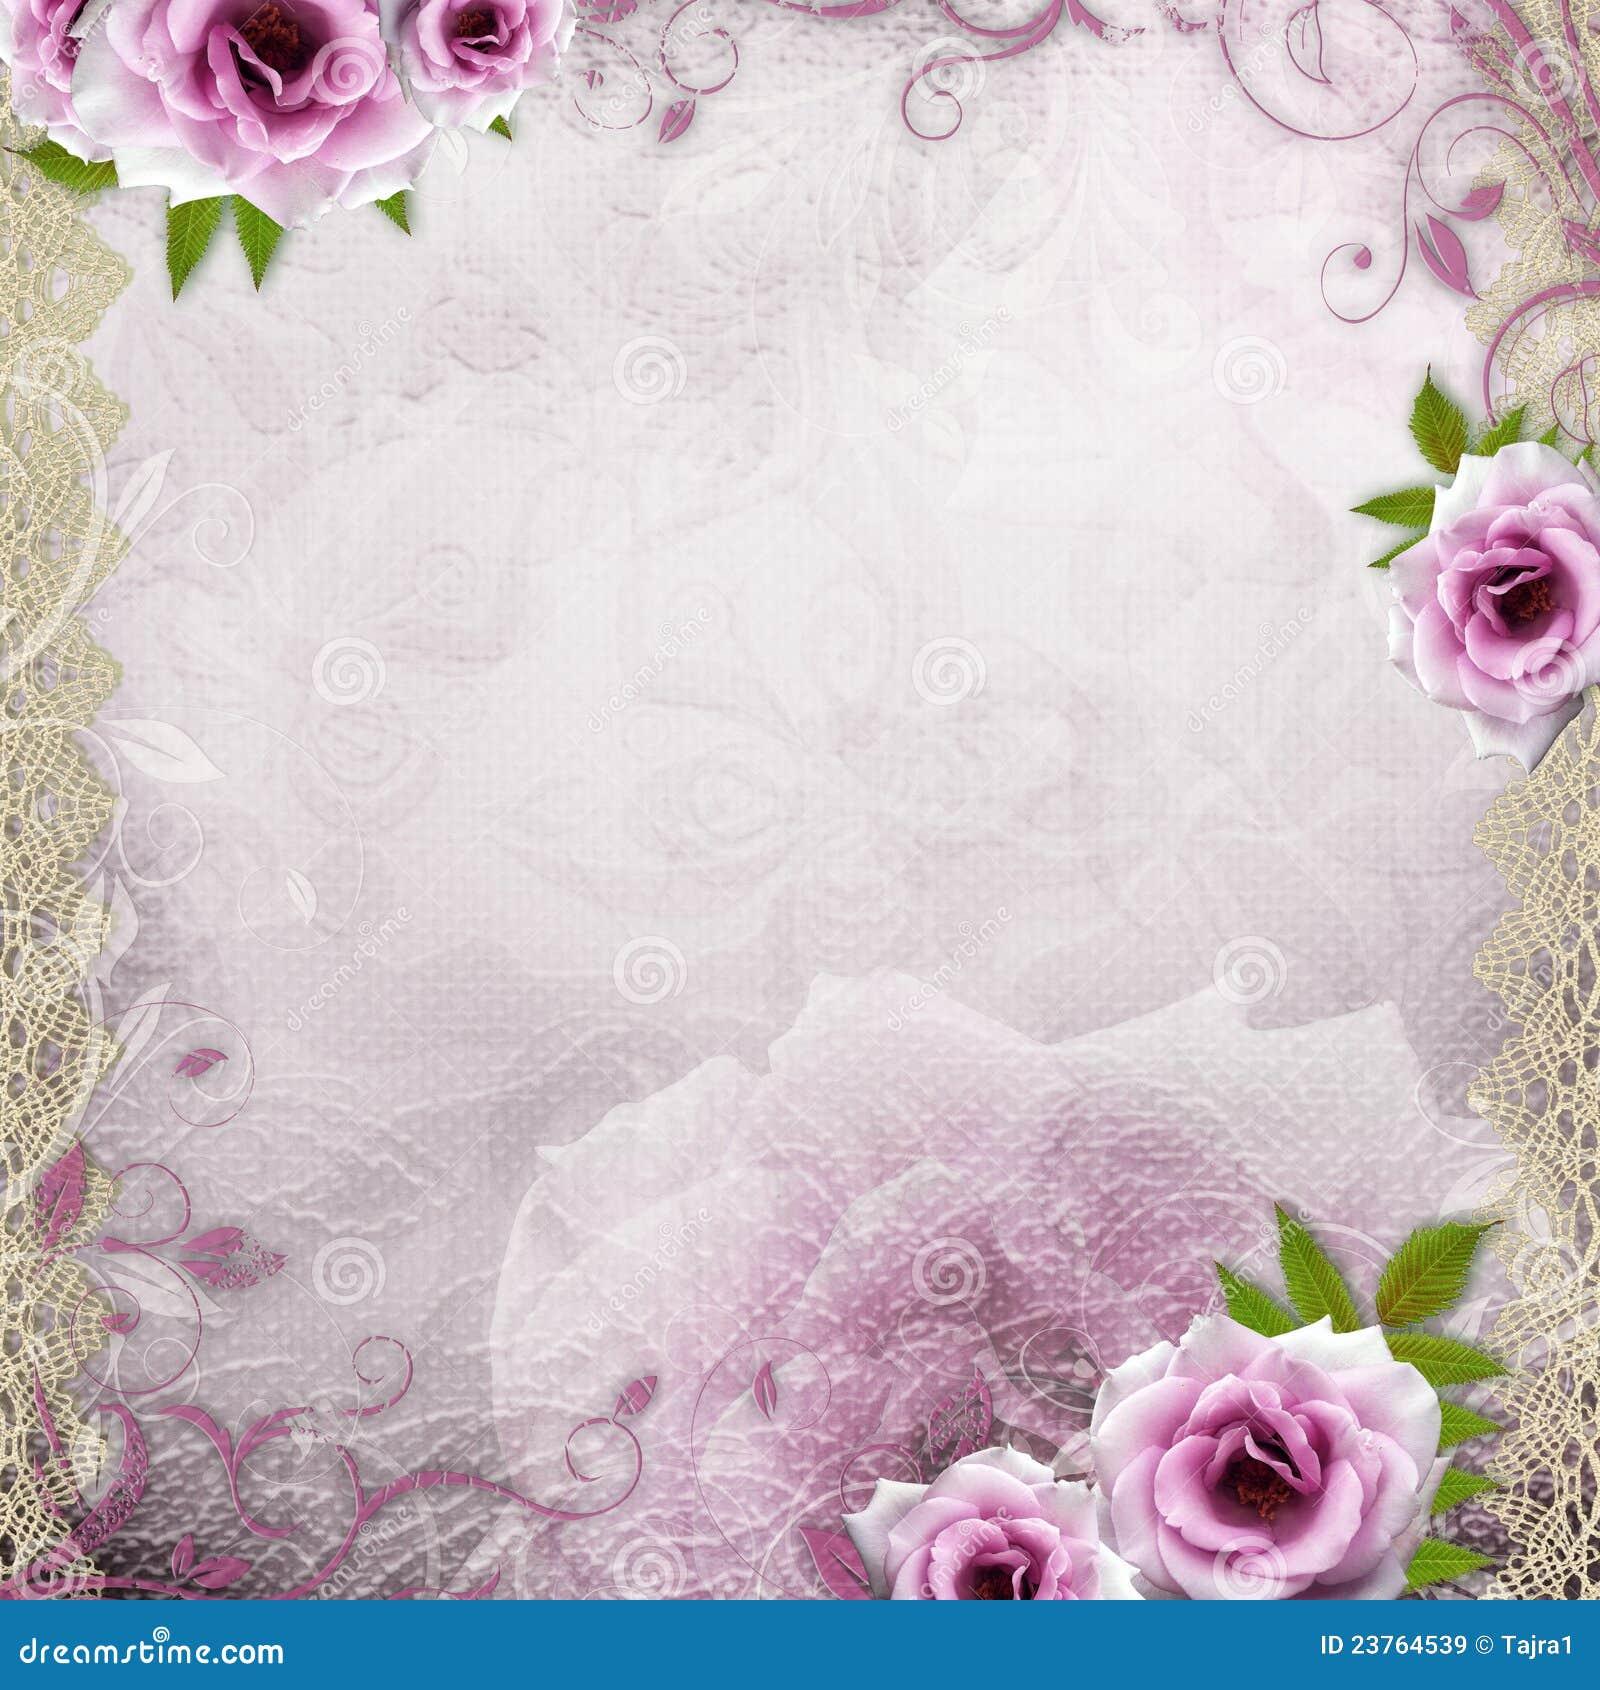 Wedding White Background: White Beautiful Wedding Background Royalty Free Stock